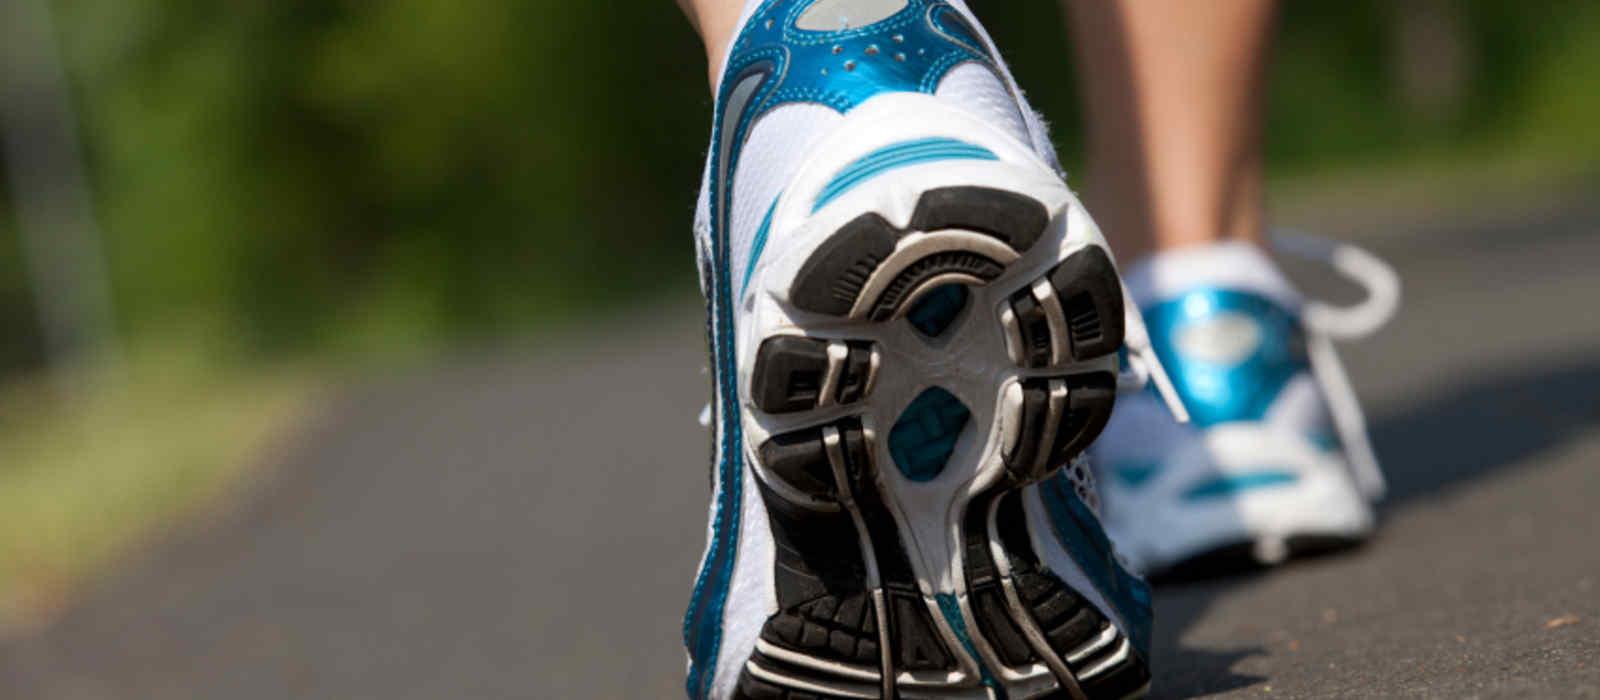 Laufschuhe übergewicht